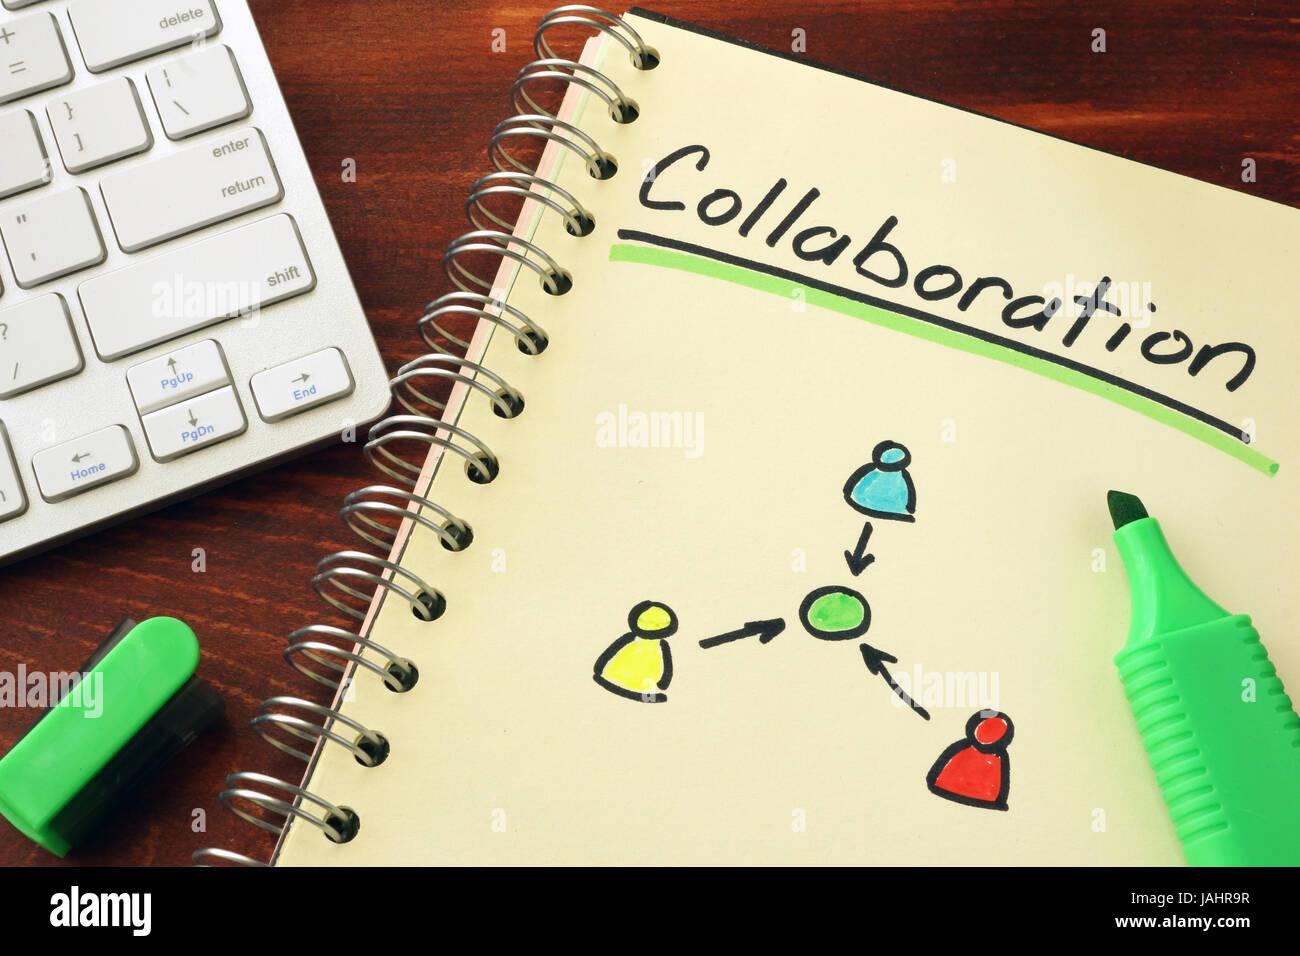 El bloc de notas con la palabra colaboración. Concepto de trabajo en equipo de cooperación. Imagen De Stock